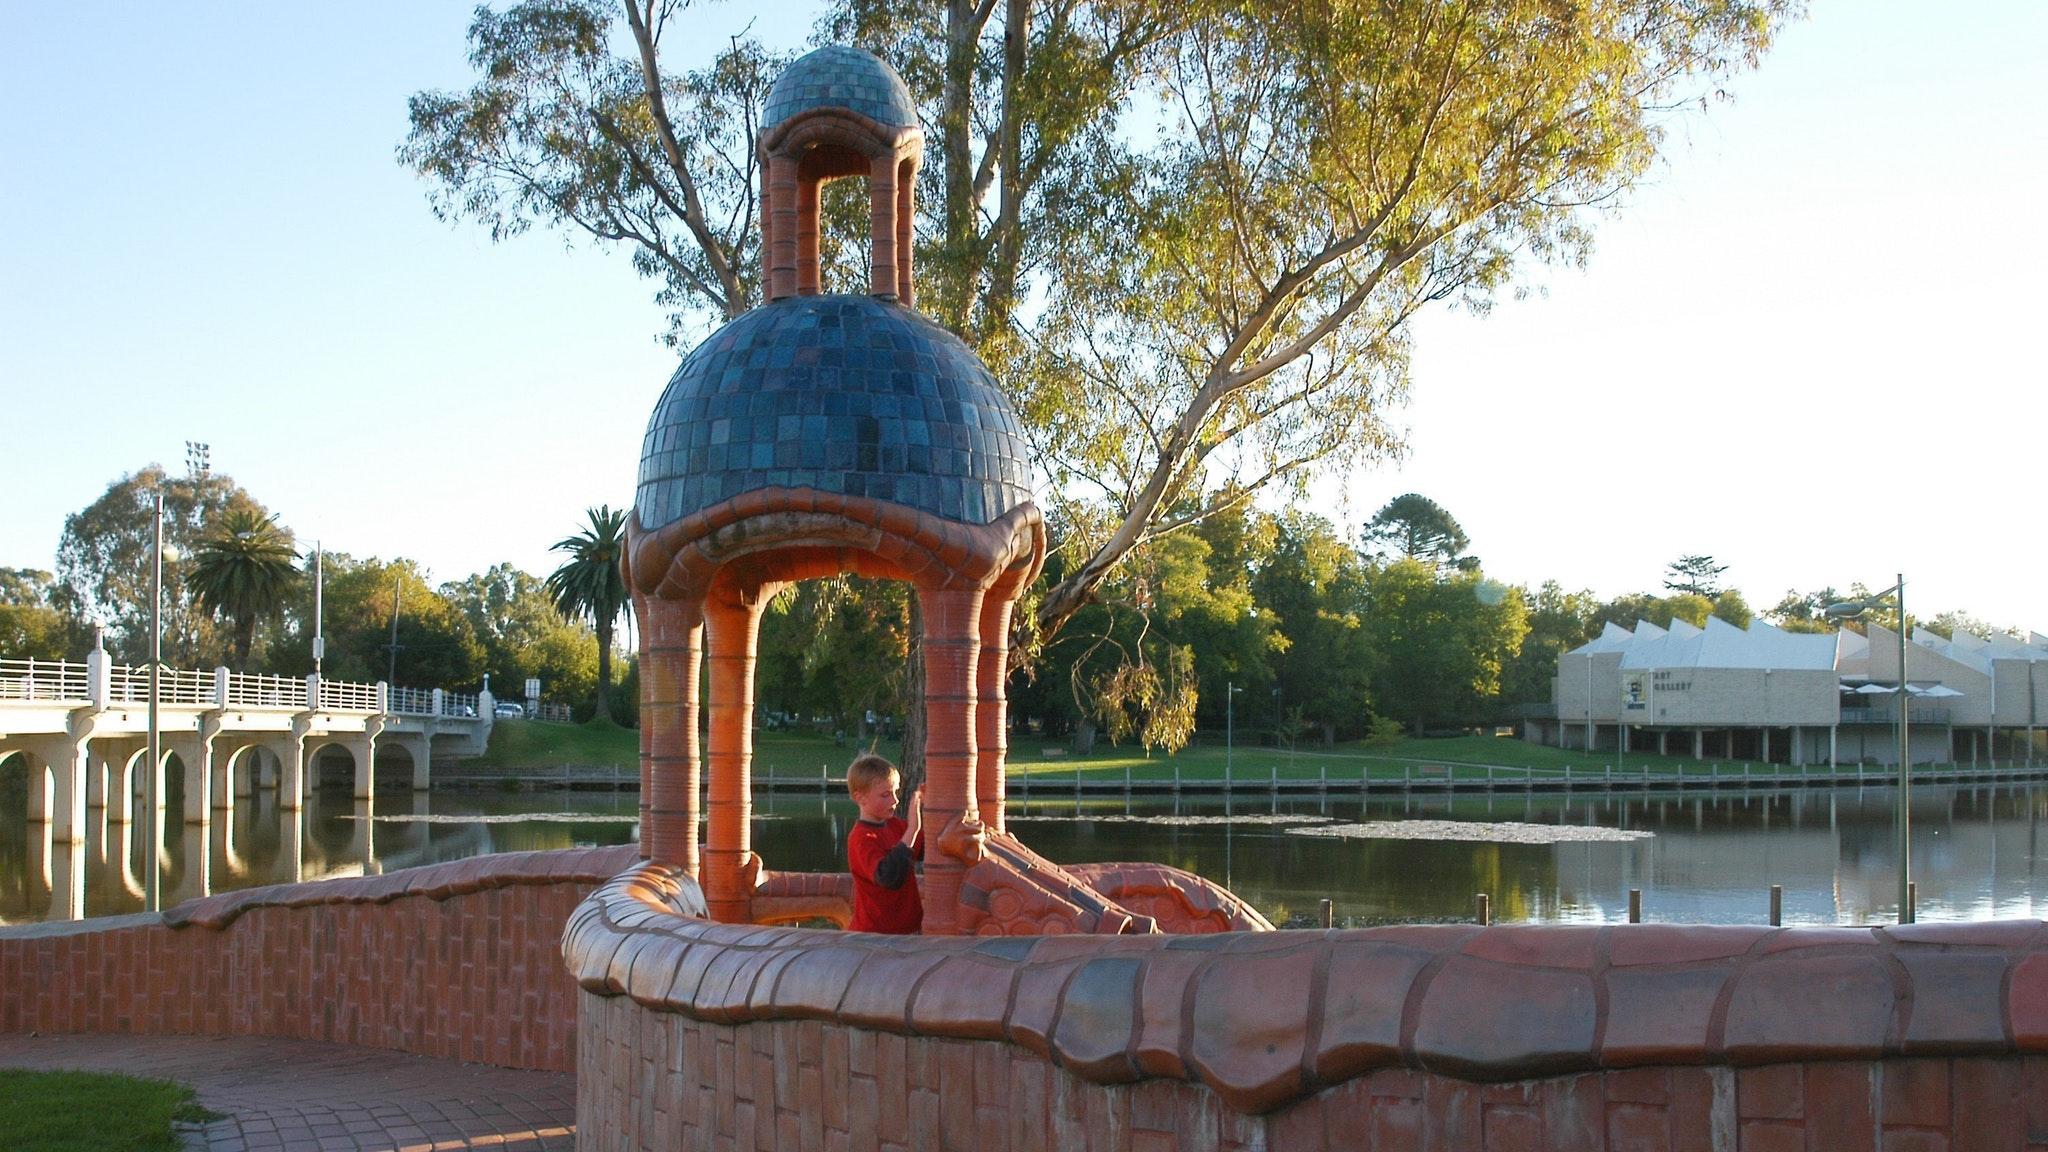 Benalla Ceramic Mural and Bridge